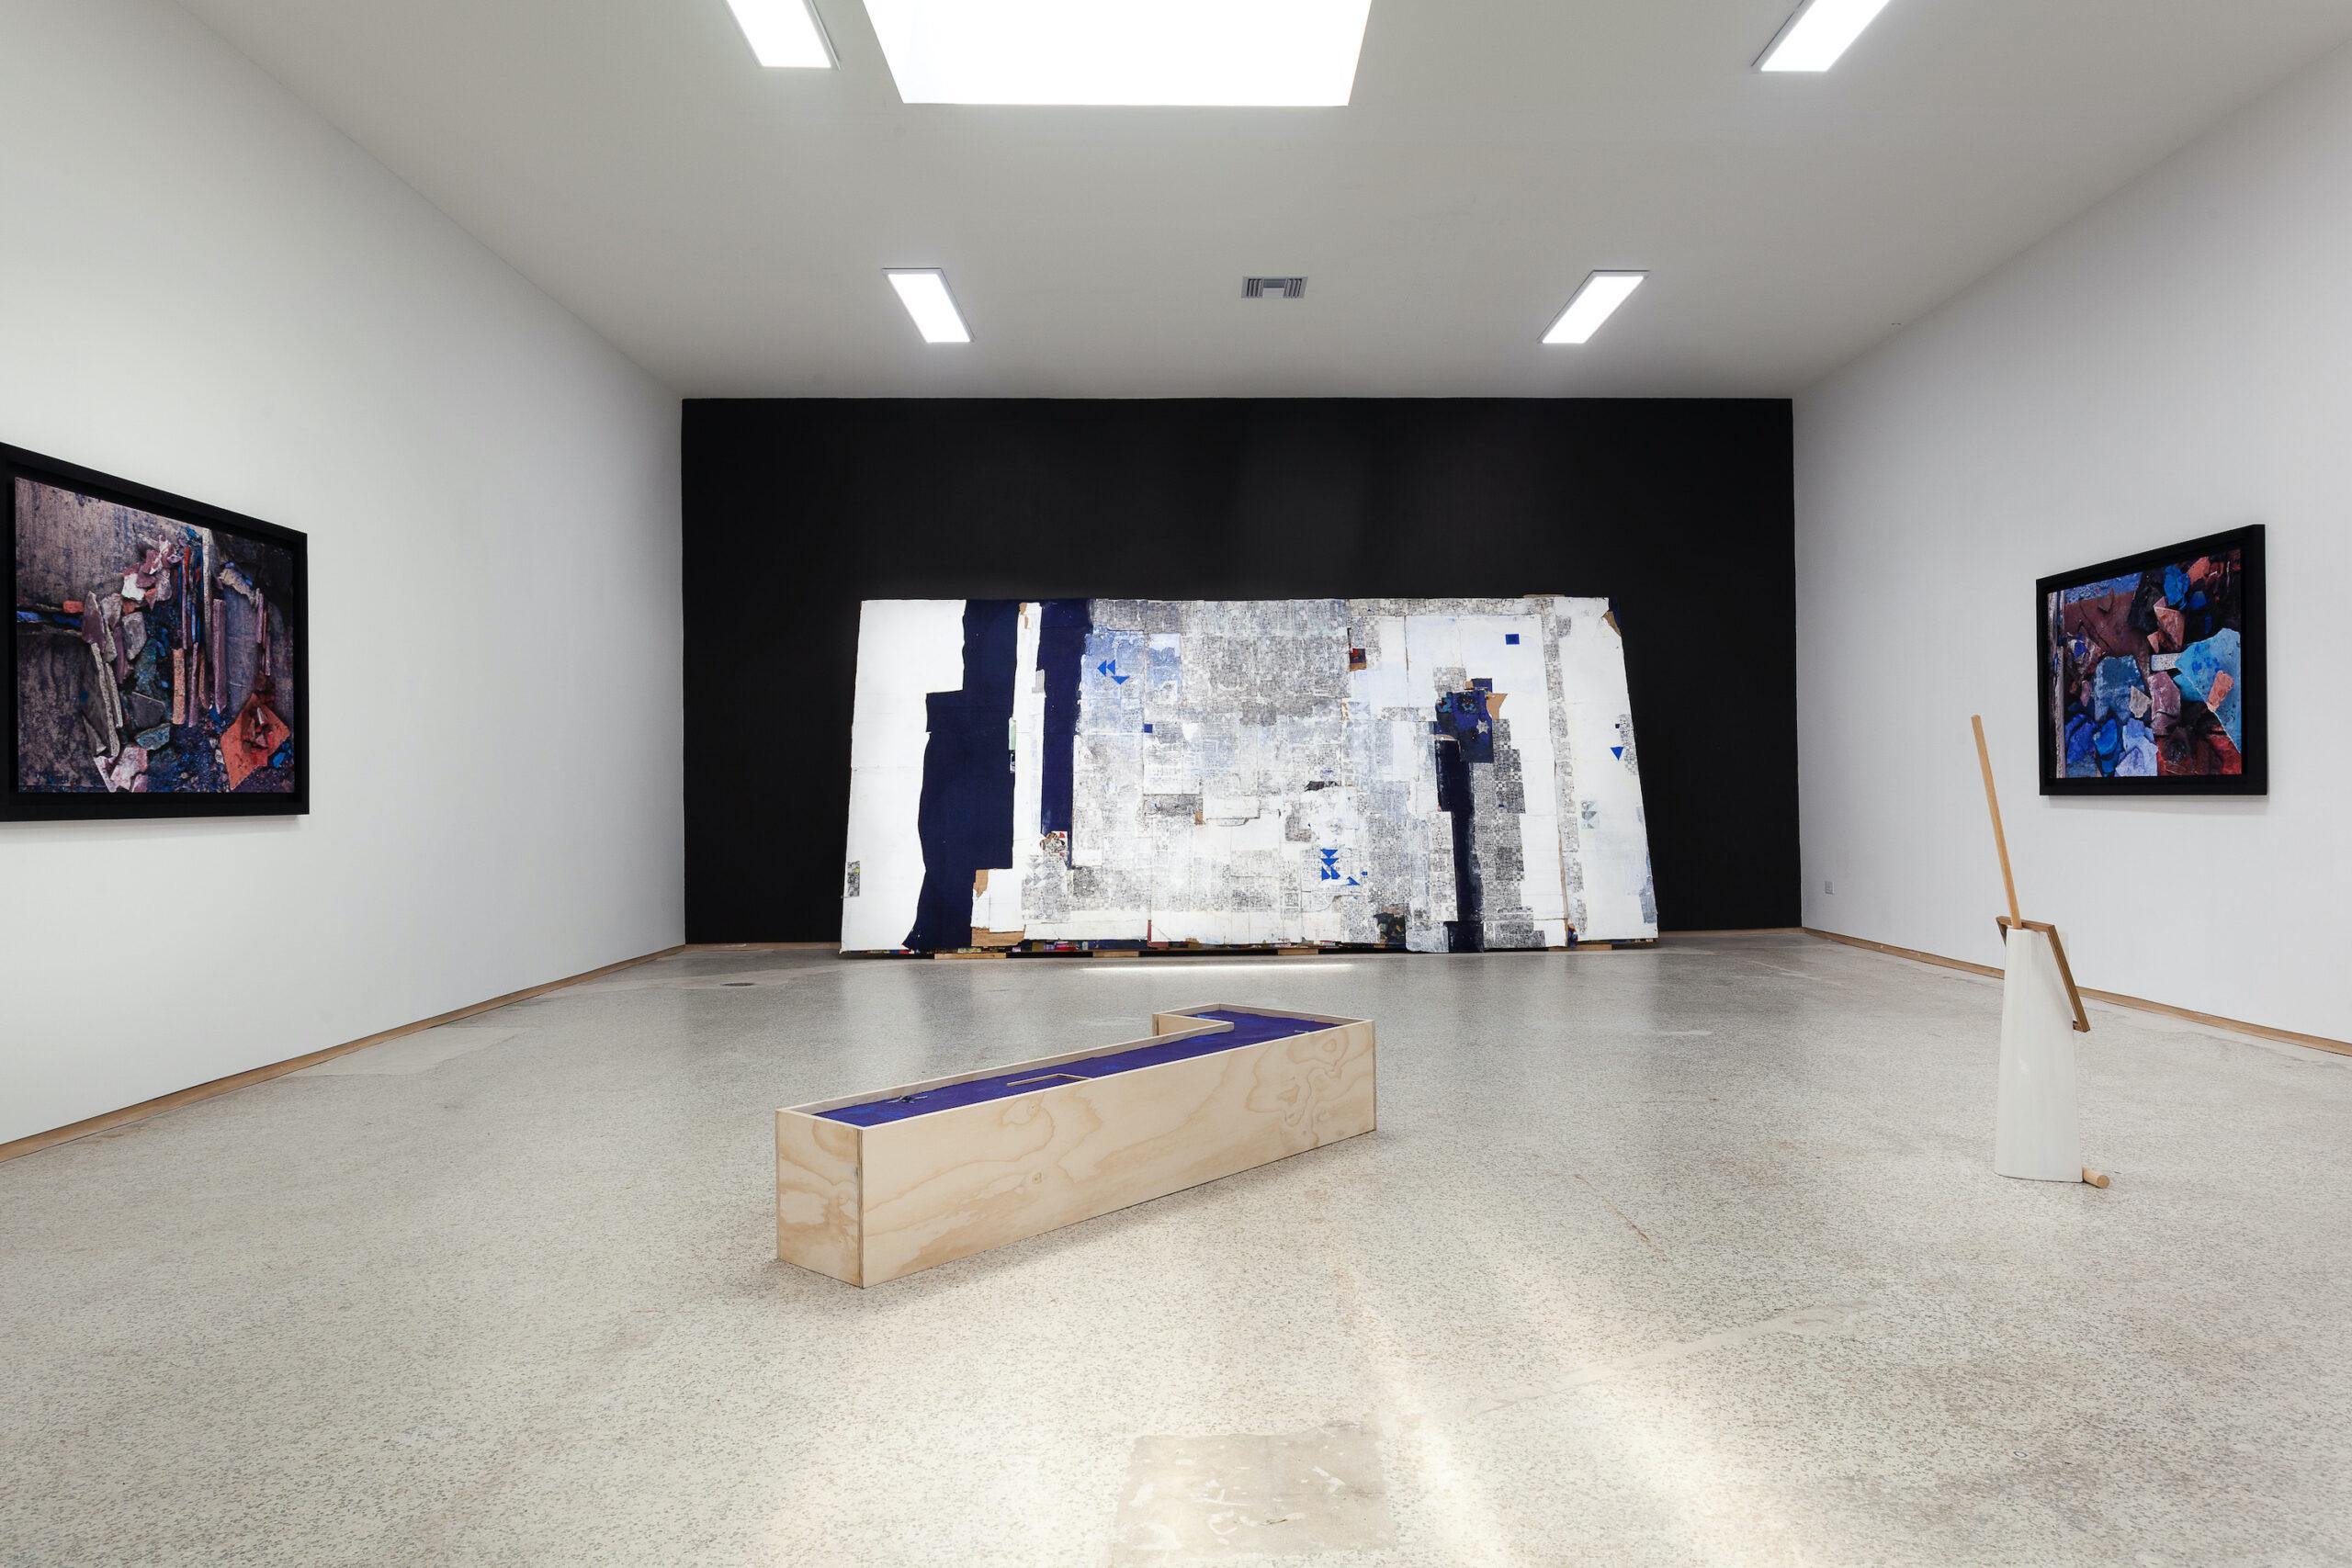 Yanira Collado, Fragment (installation view), Emerson Dorsch, 2019